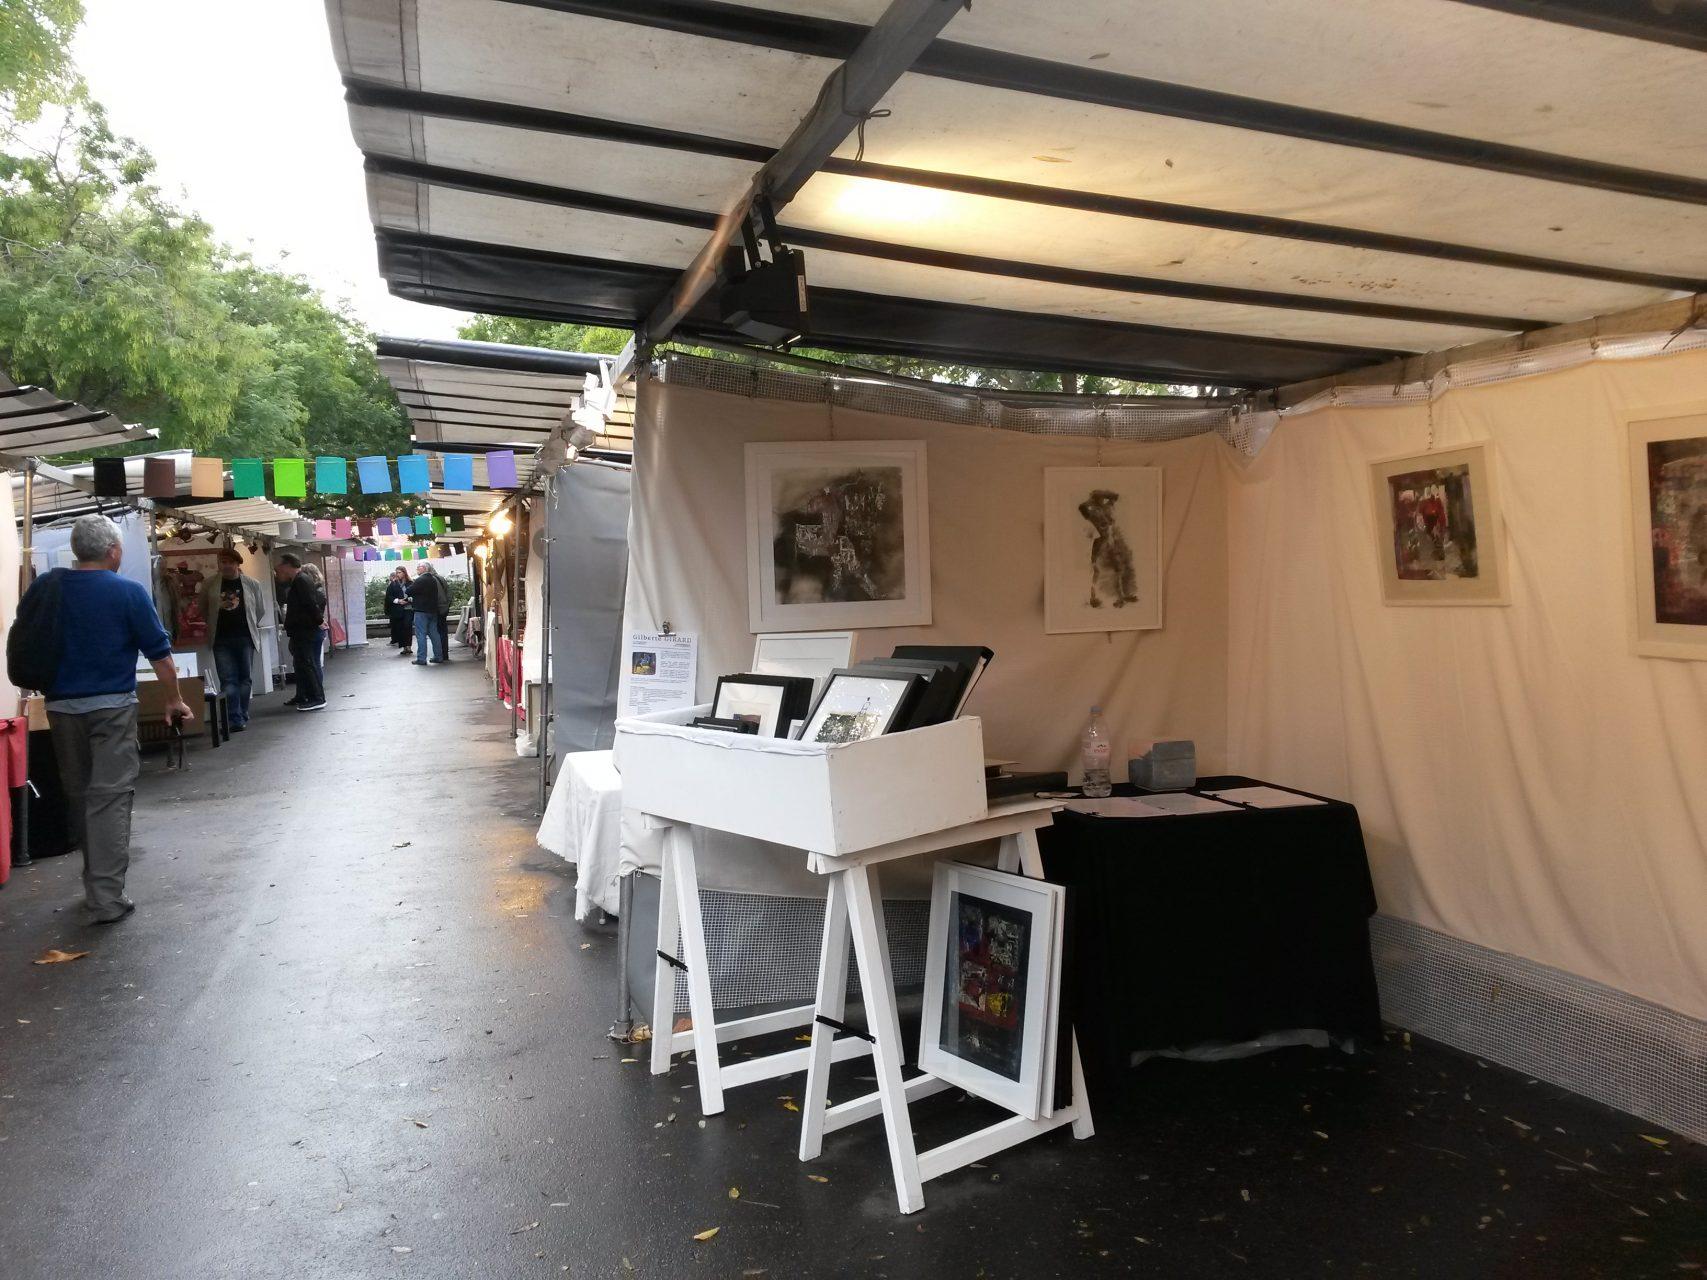 2017 – PARIS MONTPARNASSE